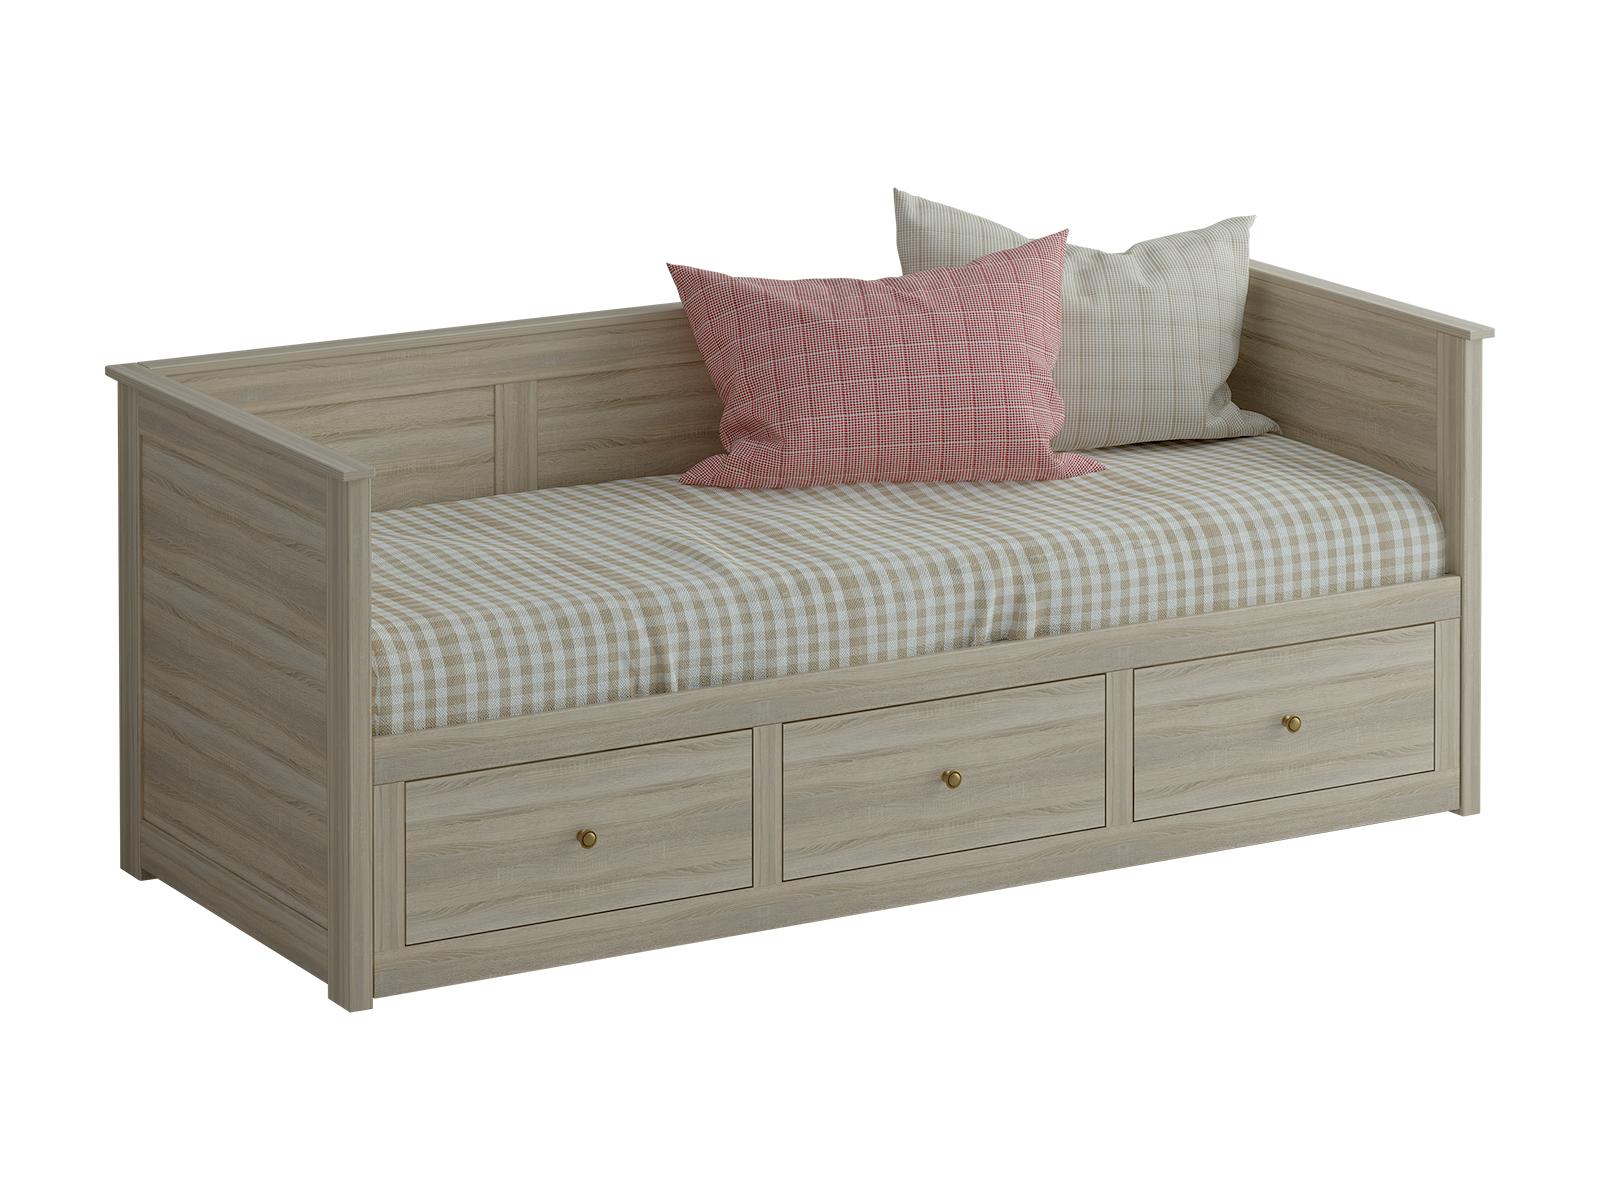 Кровать-кушетка ReinaДеревянные кровати<br>&amp;lt;div&amp;gt;В задвинутом виде кушетка используется как односпальная кровать, в раздвинутом - как двухспальная. Выдвижная часть оснащенна тремя ящиками для хранения вещей. При использовании кровати-кушетки Reina в качестве раскладной двухспальной кровати рекомендуется применять специальный складной матрас.&amp;lt;/div&amp;gt;&amp;lt;div&amp;gt;&amp;lt;br&amp;gt;&amp;lt;/div&amp;gt;&amp;lt;div&amp;gt;Размер спального места - в сложенном виде 200х80 см, в разложенном 200х159 см.&amp;lt;/div&amp;gt;<br><br>Material: ДСП<br>Ширина см: 211<br>Высота см: 83<br>Глубина см: 89